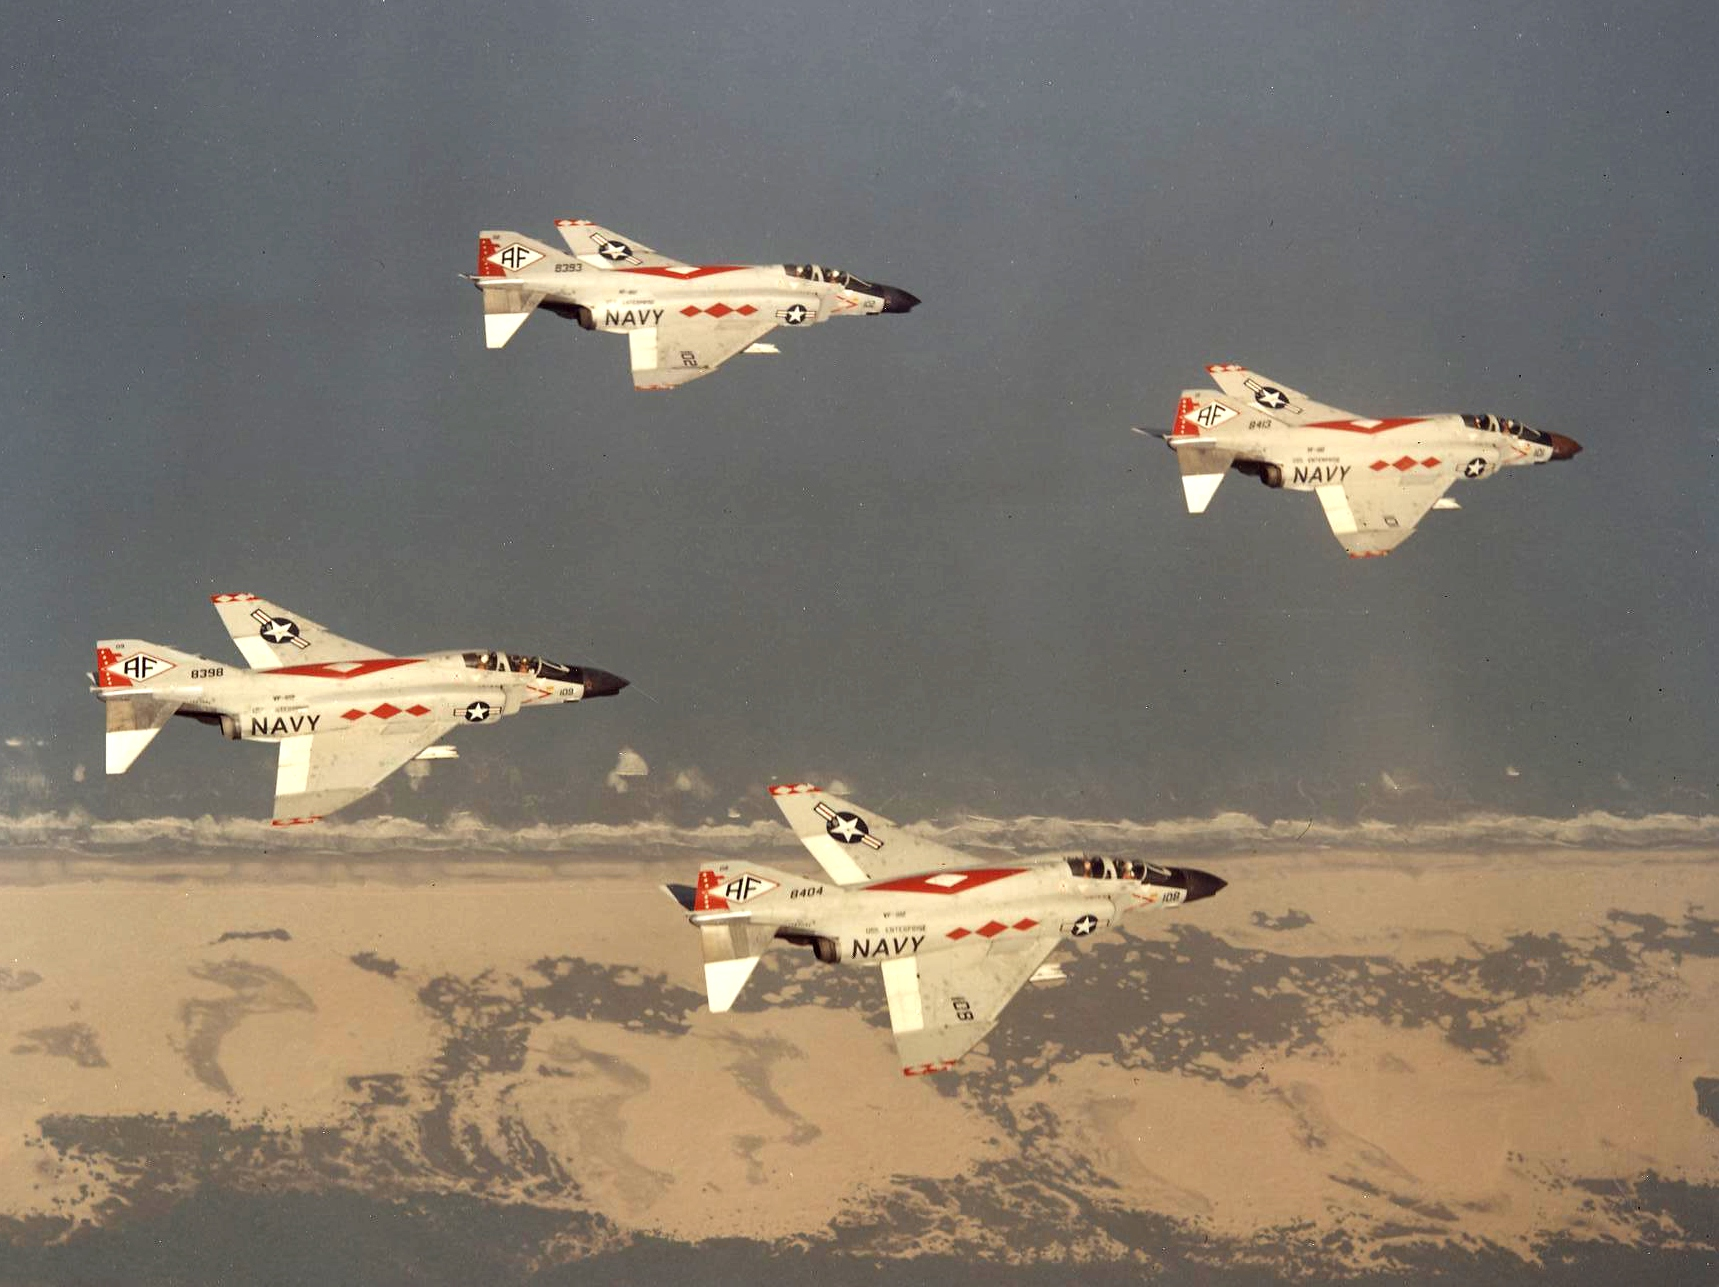 F-4B_Phantoms_of_VF-102_in_flight_in_196